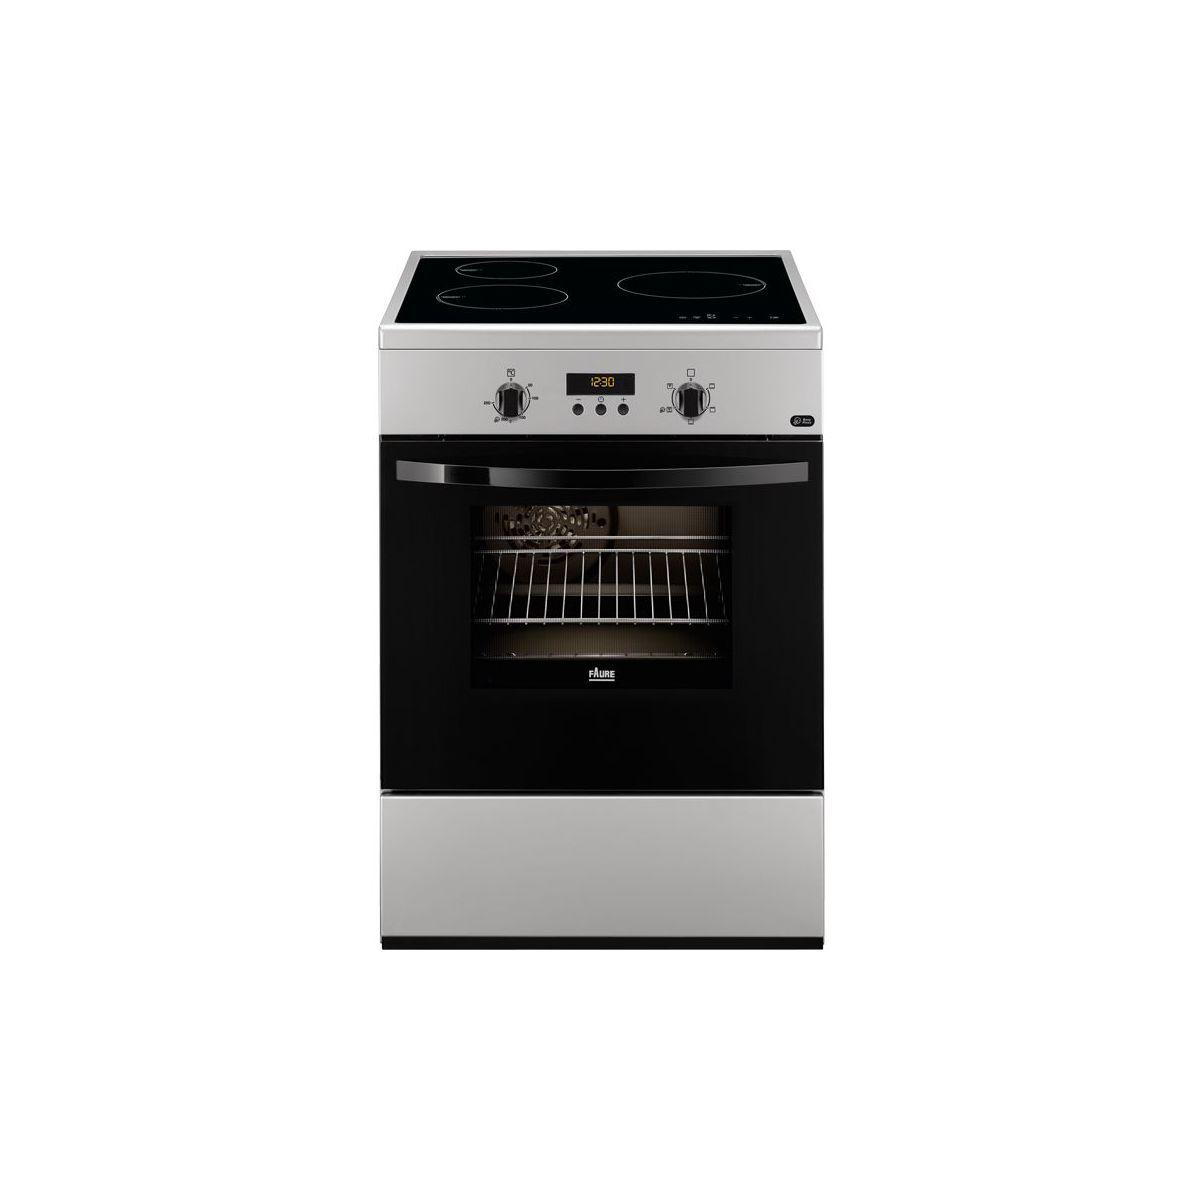 Cuisini�re induction 60cm faure fci6530csa - 10% de remise imm�diate avec le code : gam10 (photo)